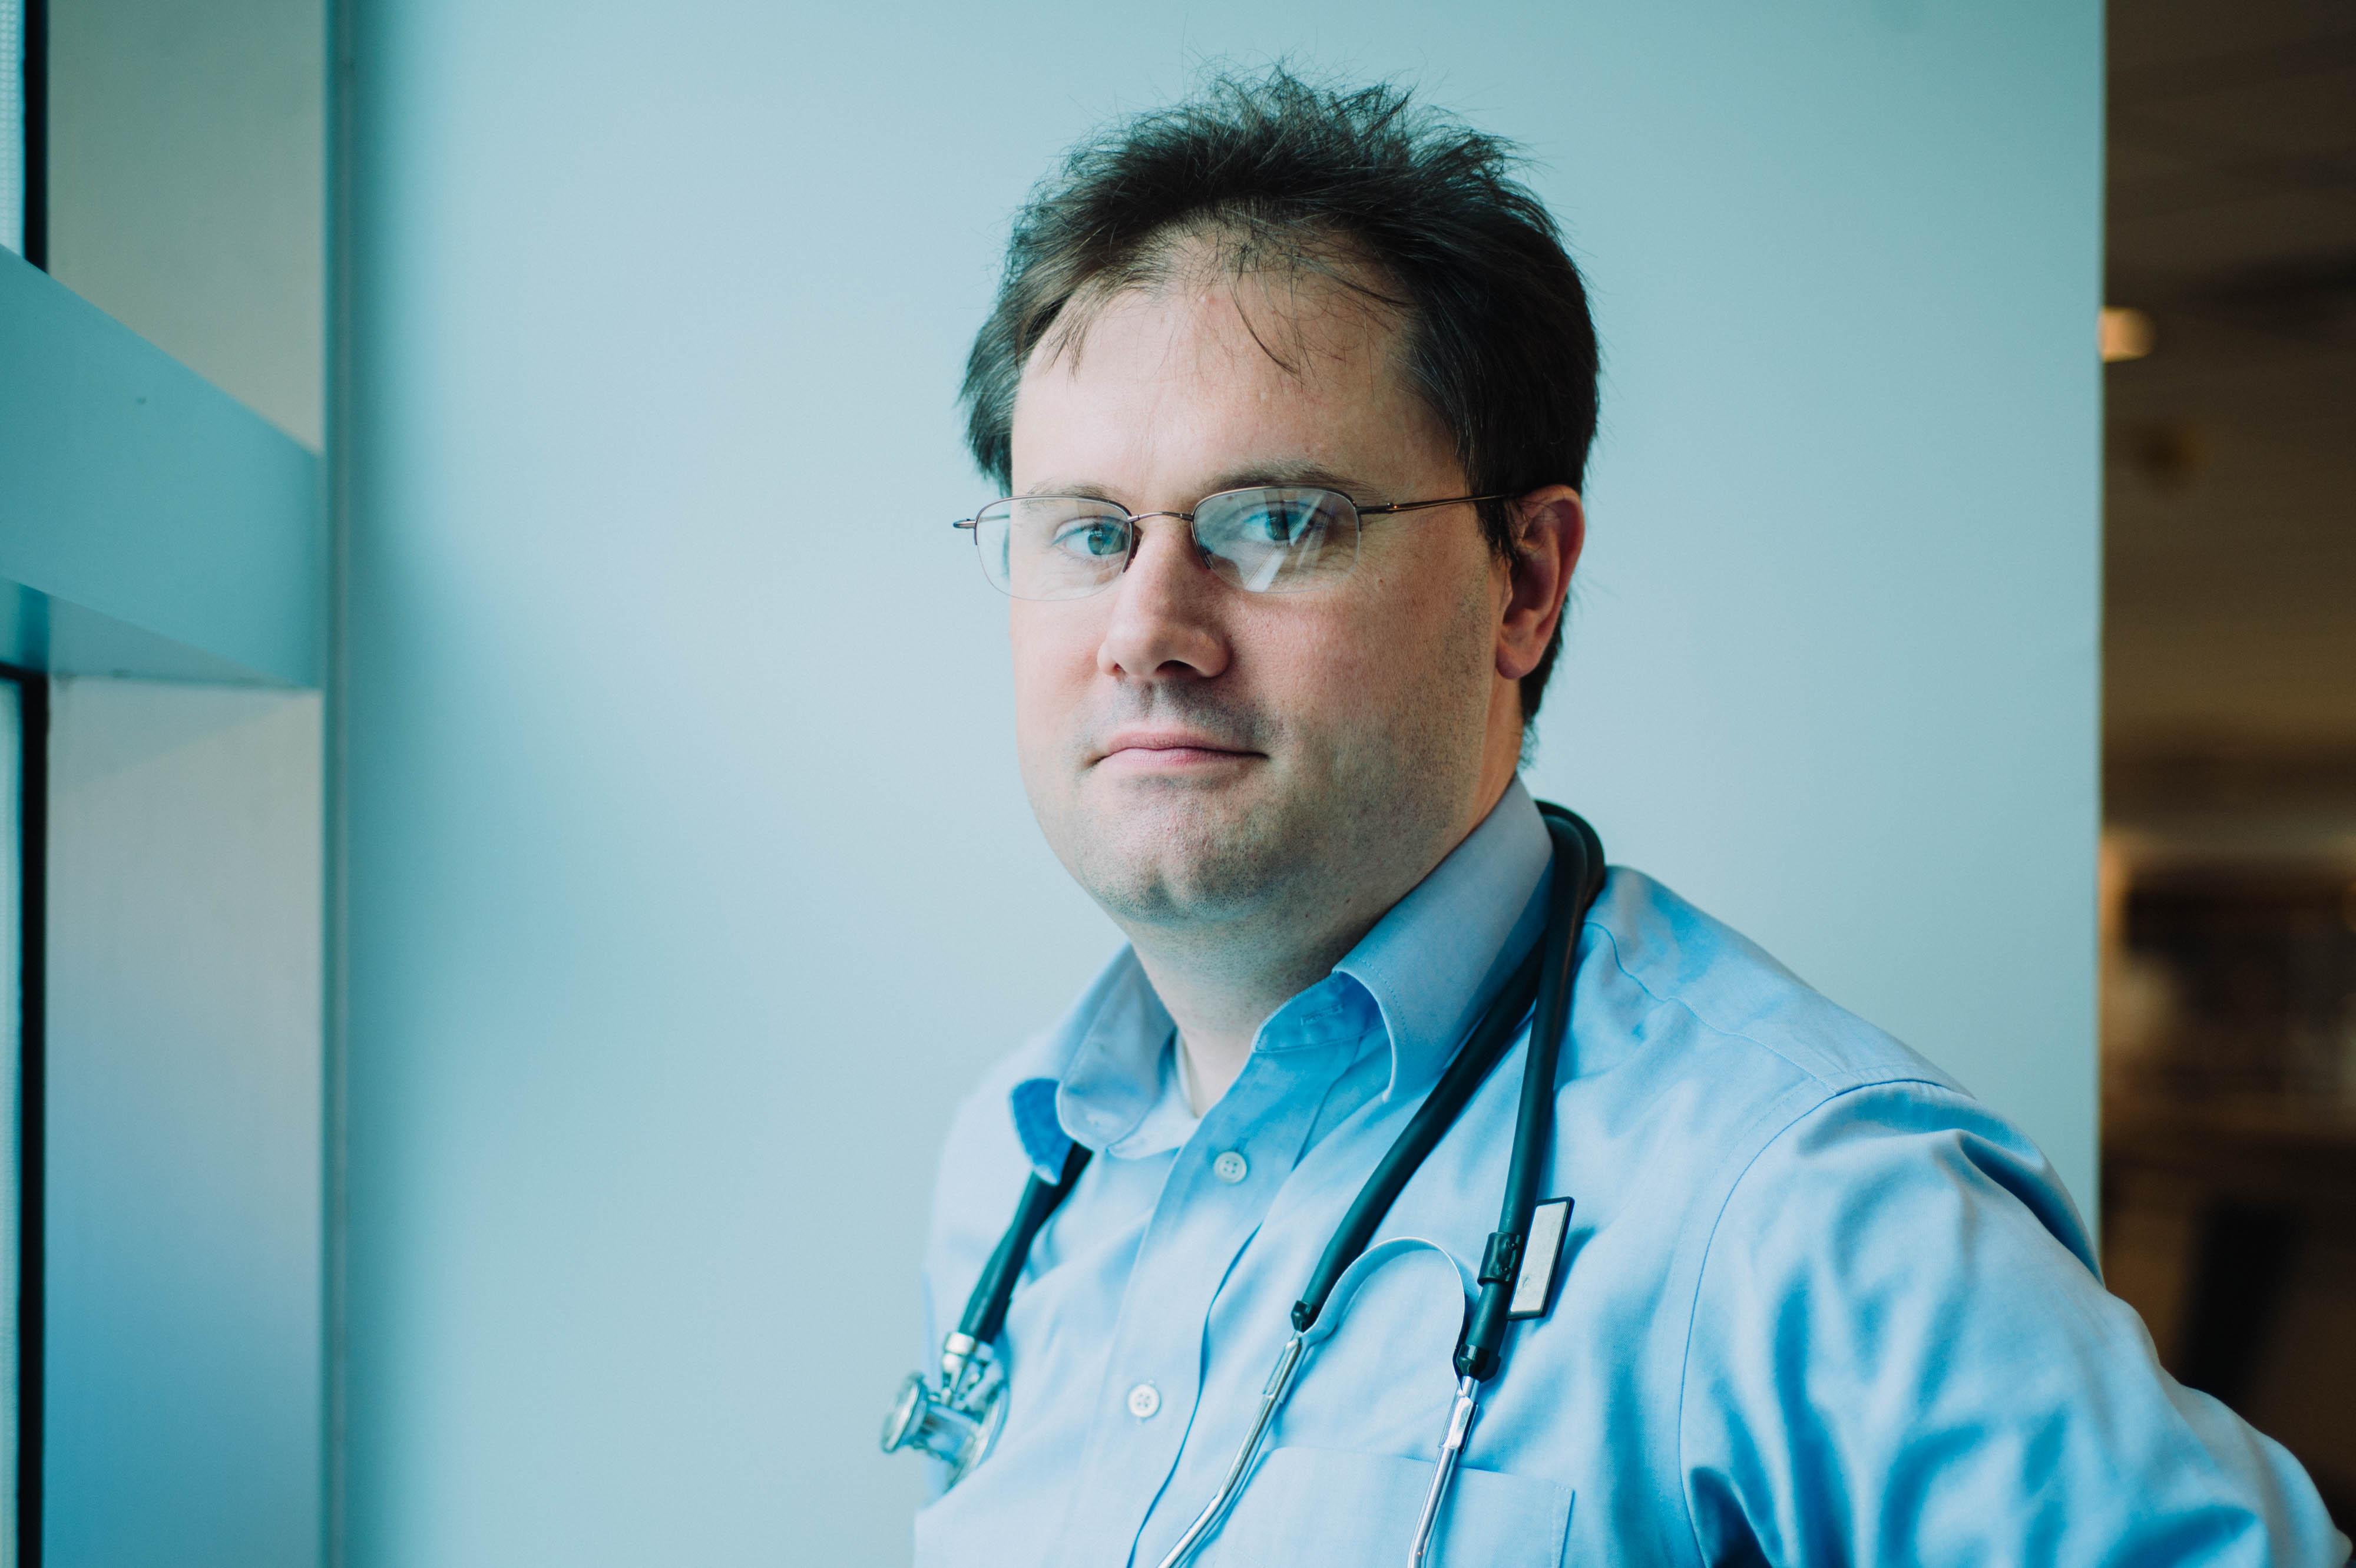 #DadDocs – Meet Dr. Nicholas Bennett